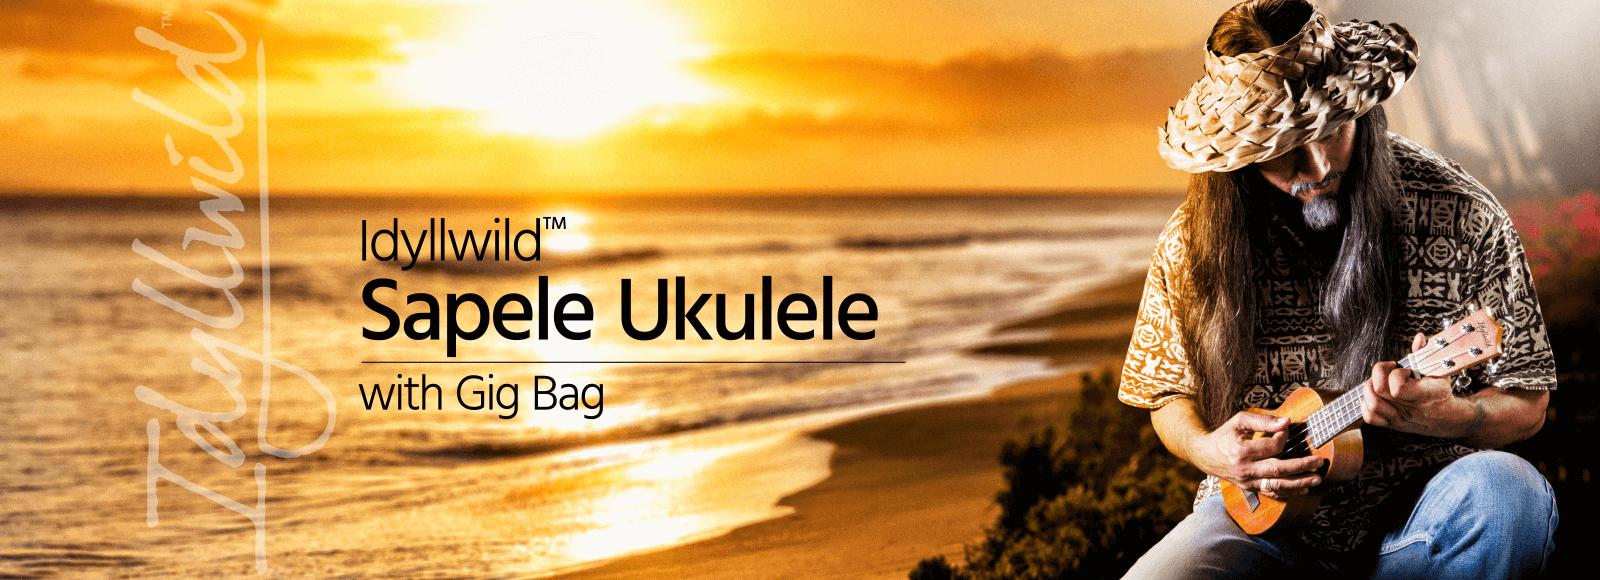 Idyllwild Sapele Ululele